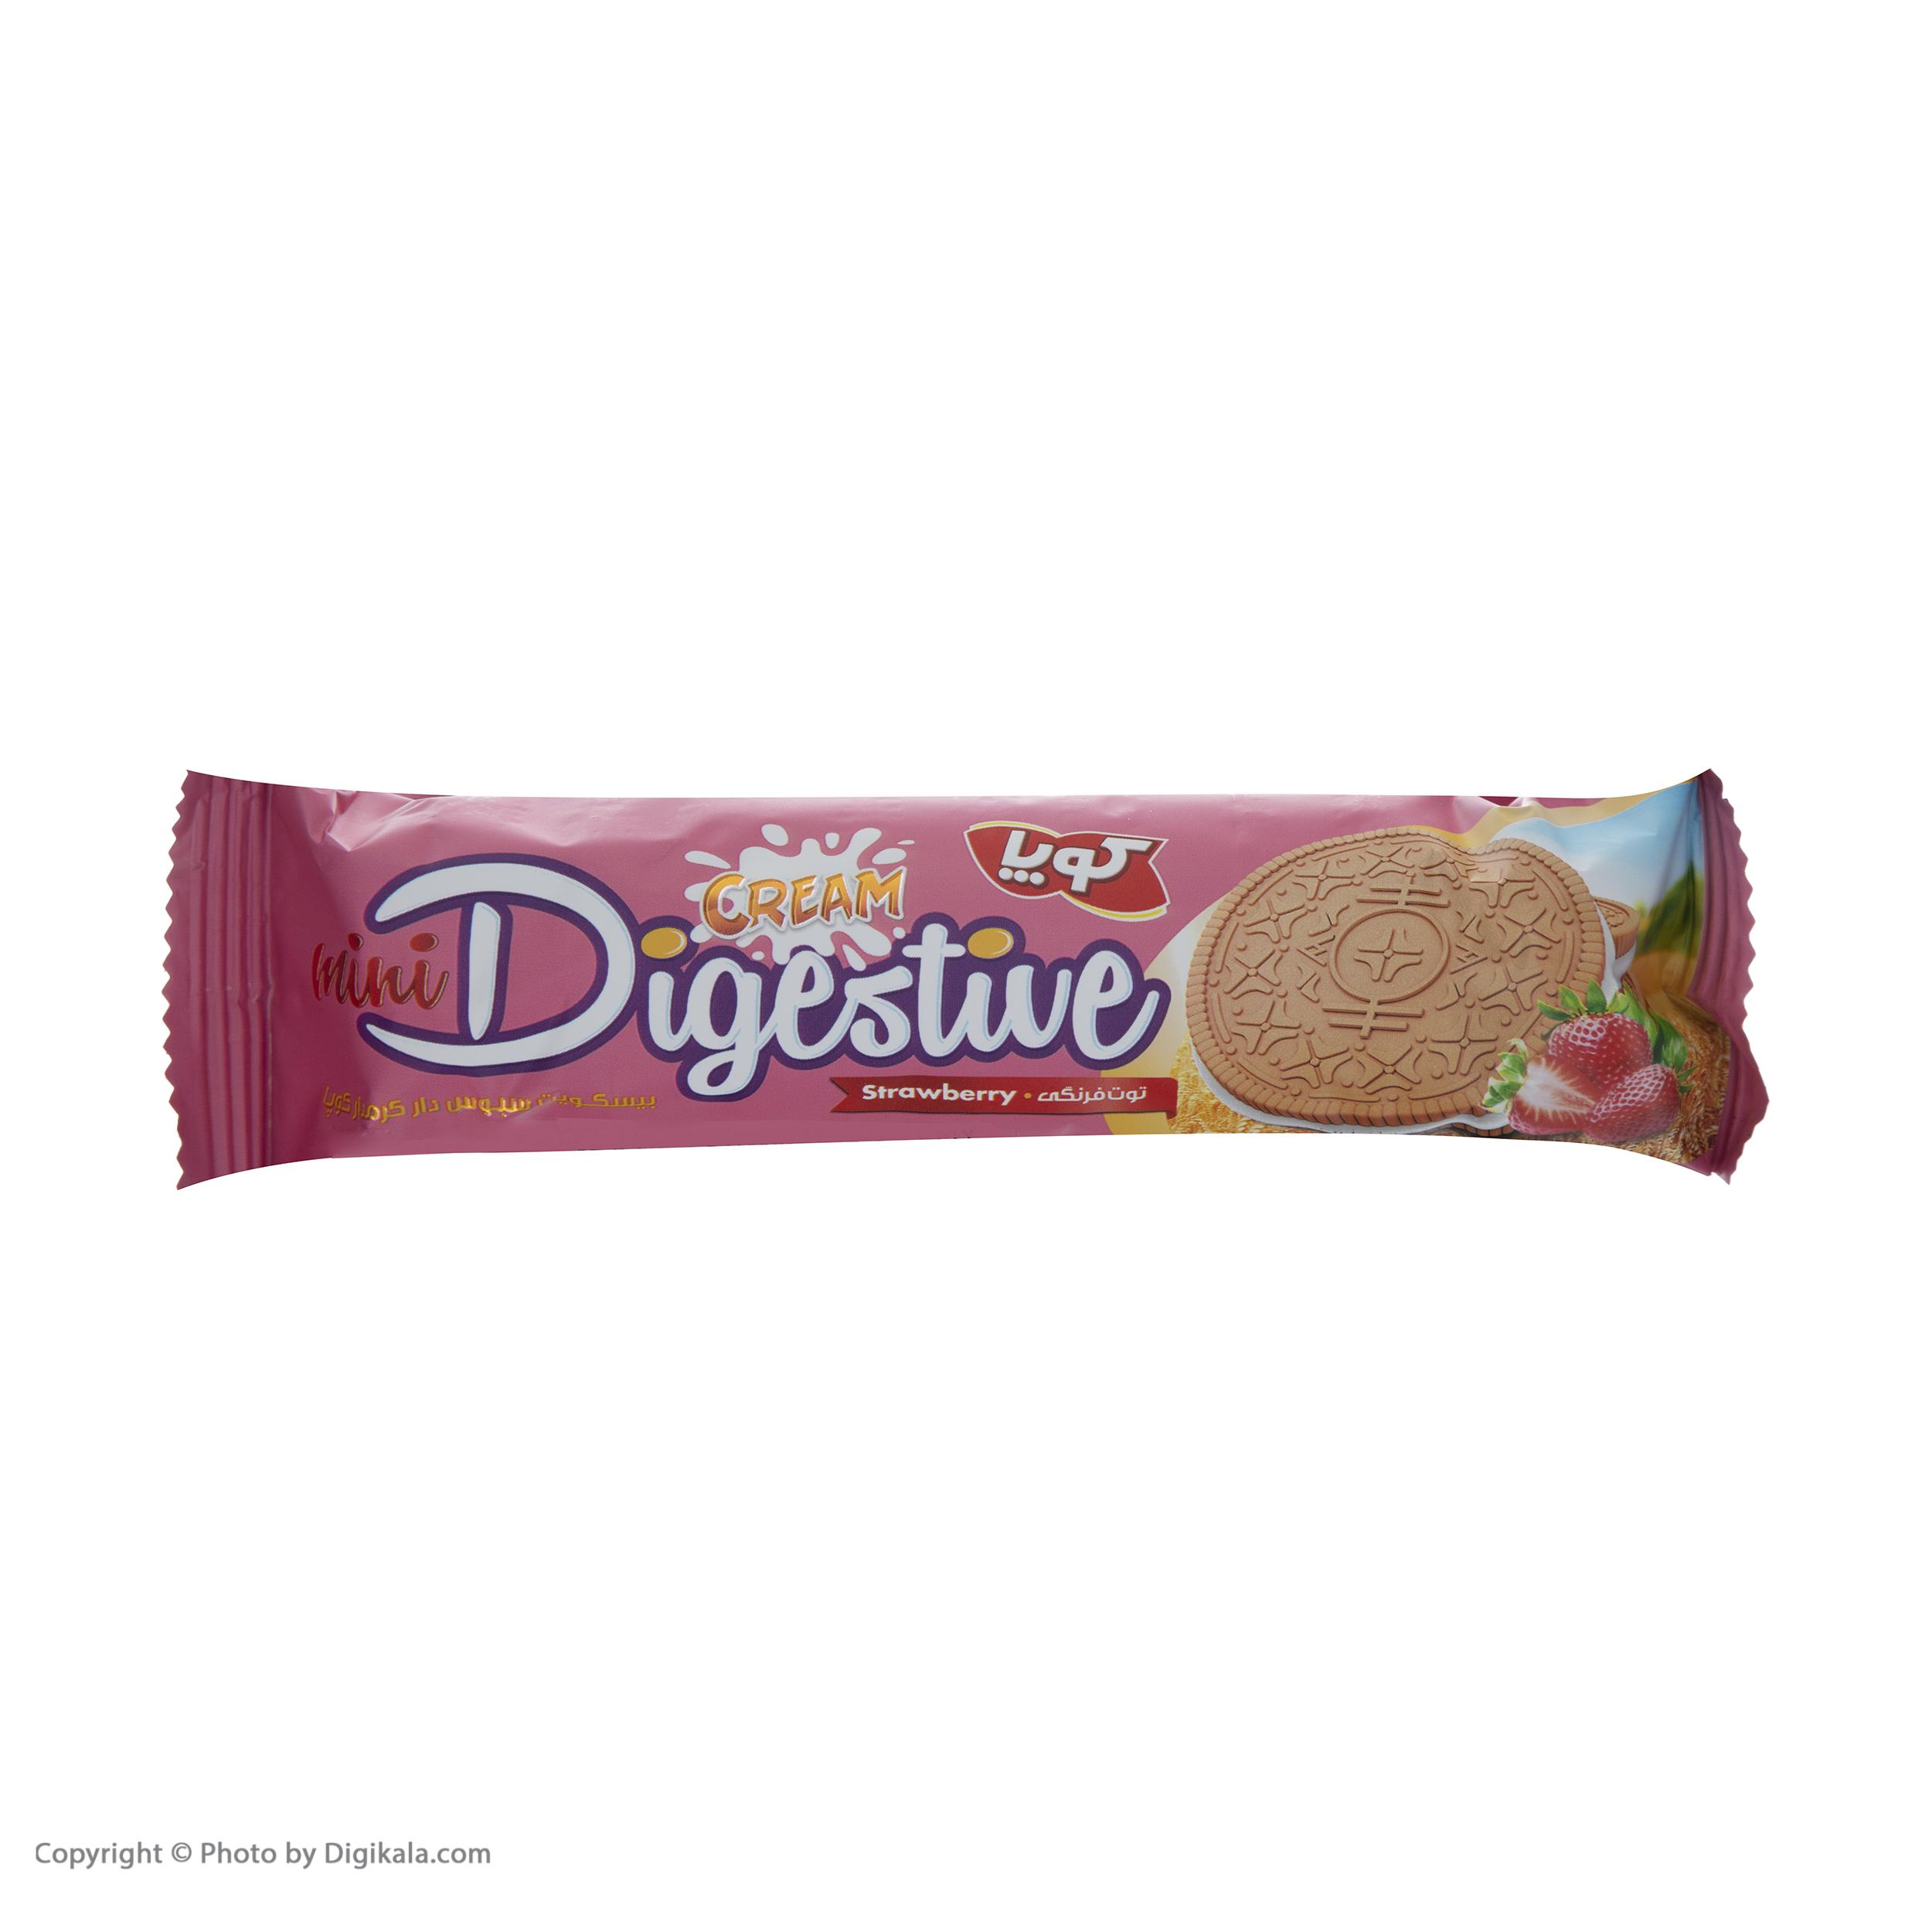 بیسکویت کرمدار دایجستیو کوپا با طعم توت فرنگی - بسته 24 عددی  main 1 4